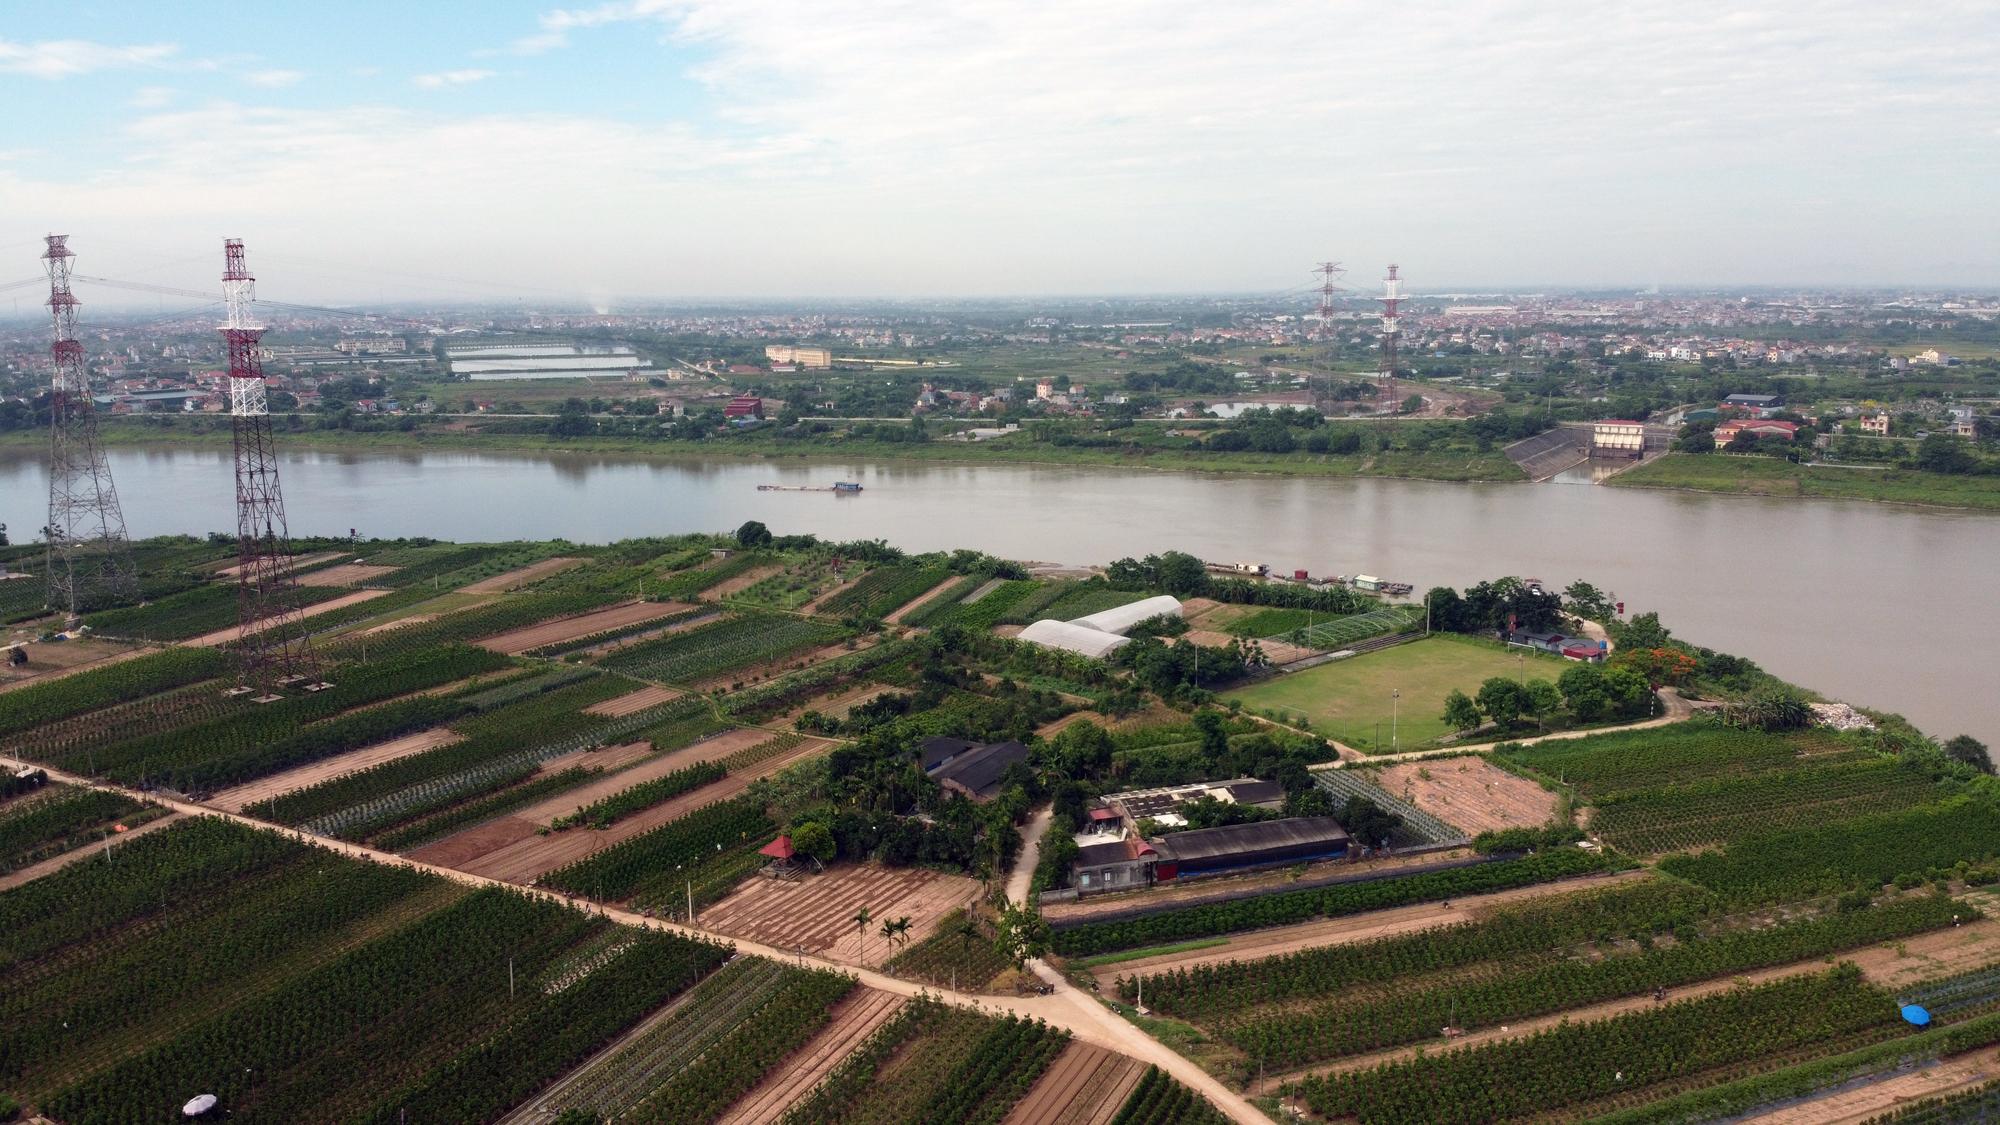 Cầu sẽ mở theo qui hoạch ở Hà Nội: Toàn cảnh vị trí làm cầu Mễ Sở nối Văn Giang - Thường Tín - Ảnh 8.